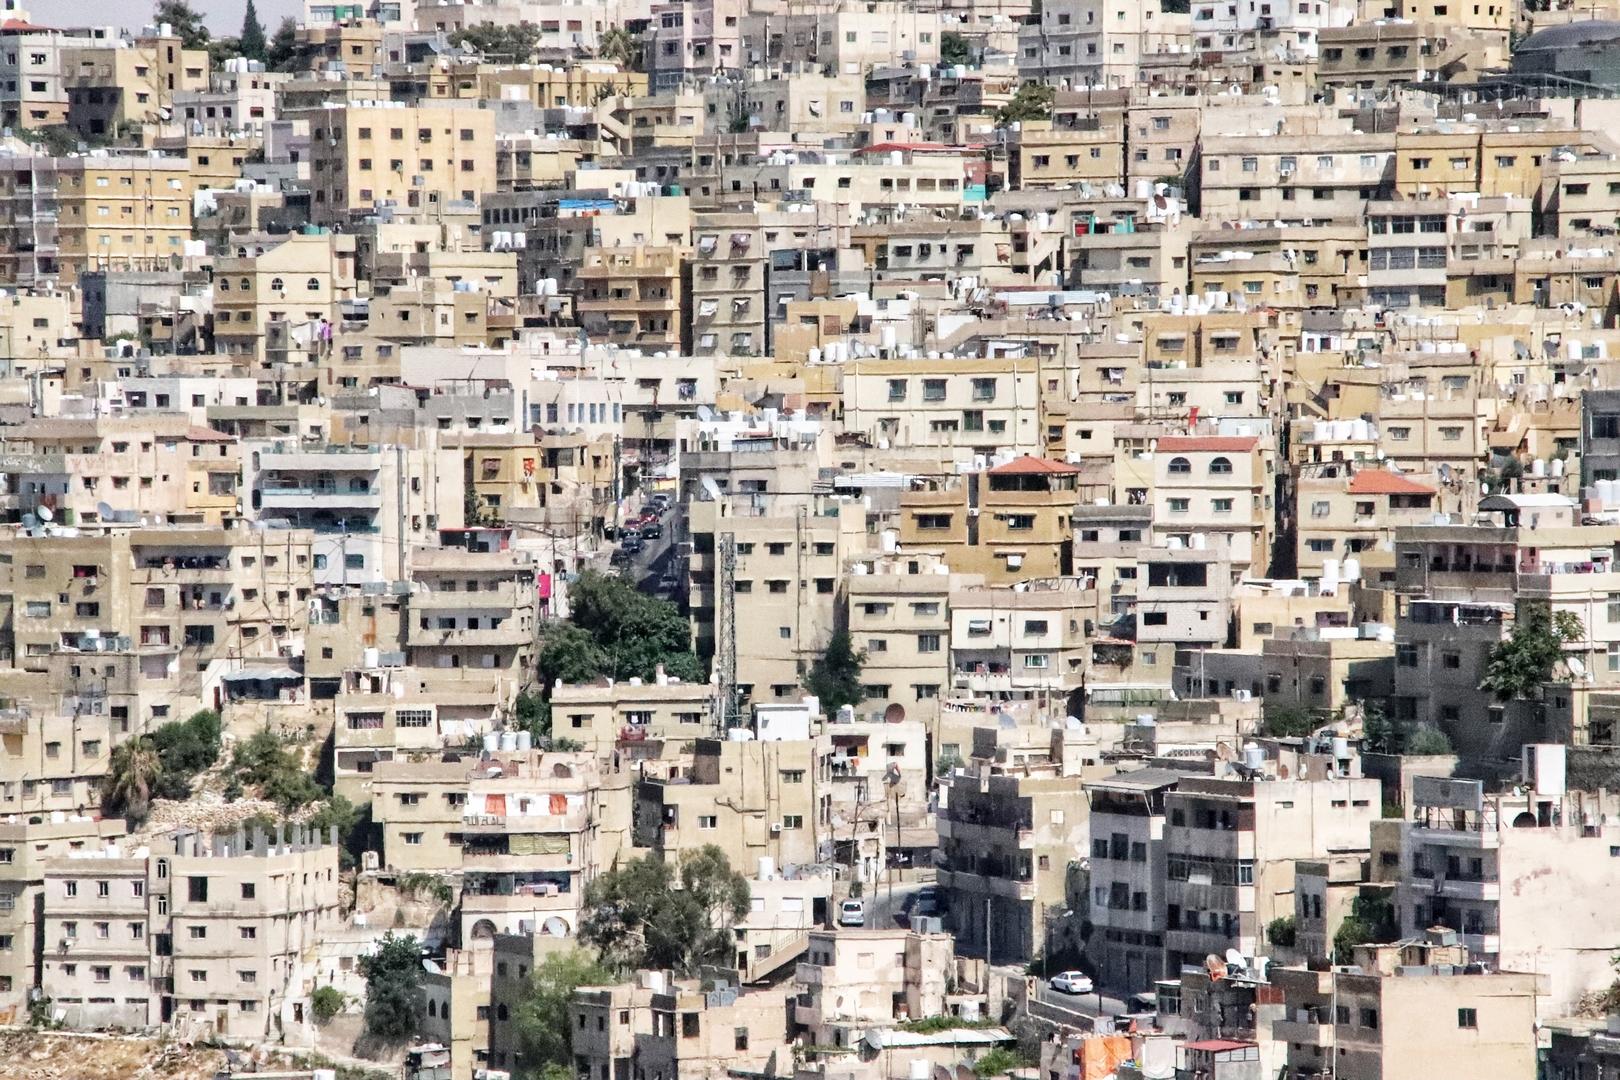 Jordanie - Vue sur Amman, capitale graphique